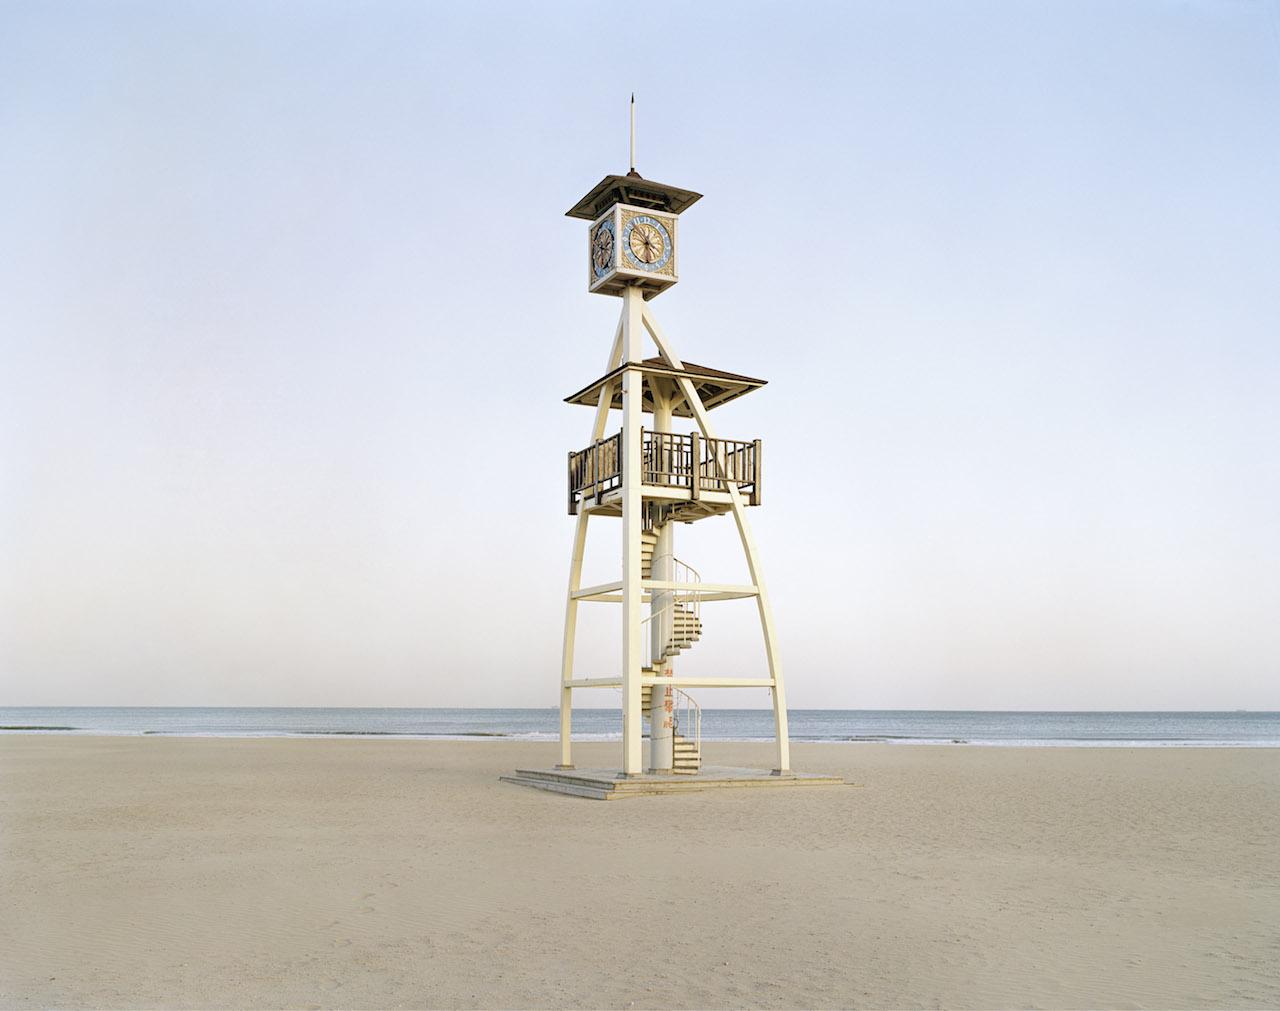 Shilaoren Bathing Beach-Qingdao in 'Stefano Cerio: Chinese Fun'